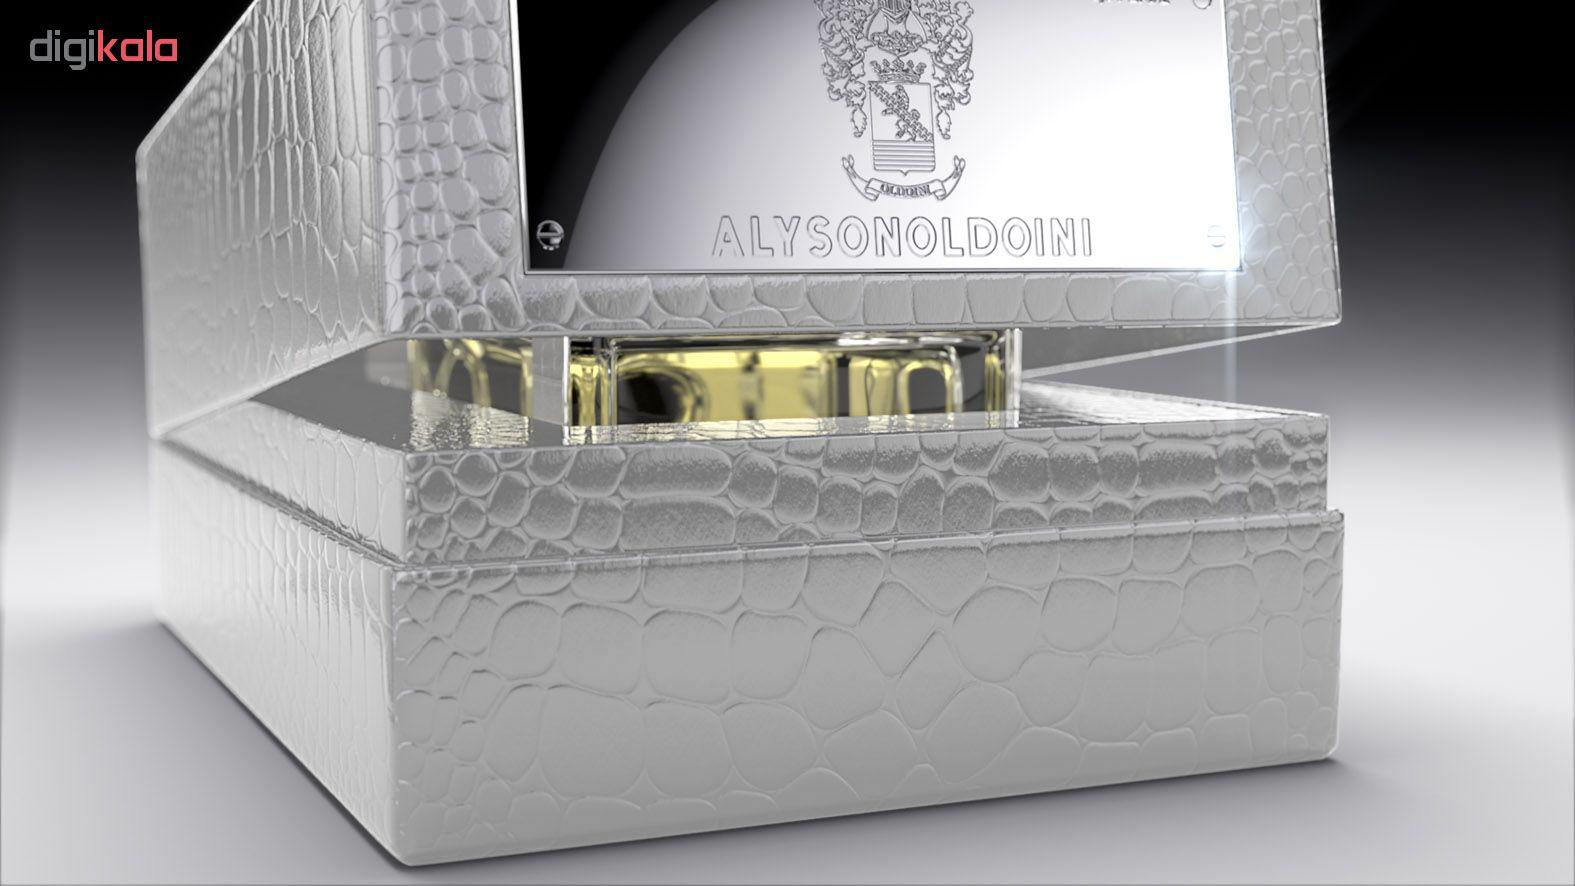 ادو پرفیوم زنانه الیسون اولدوئینی مدل بلک ویولت حجم 100 میلی لیتر